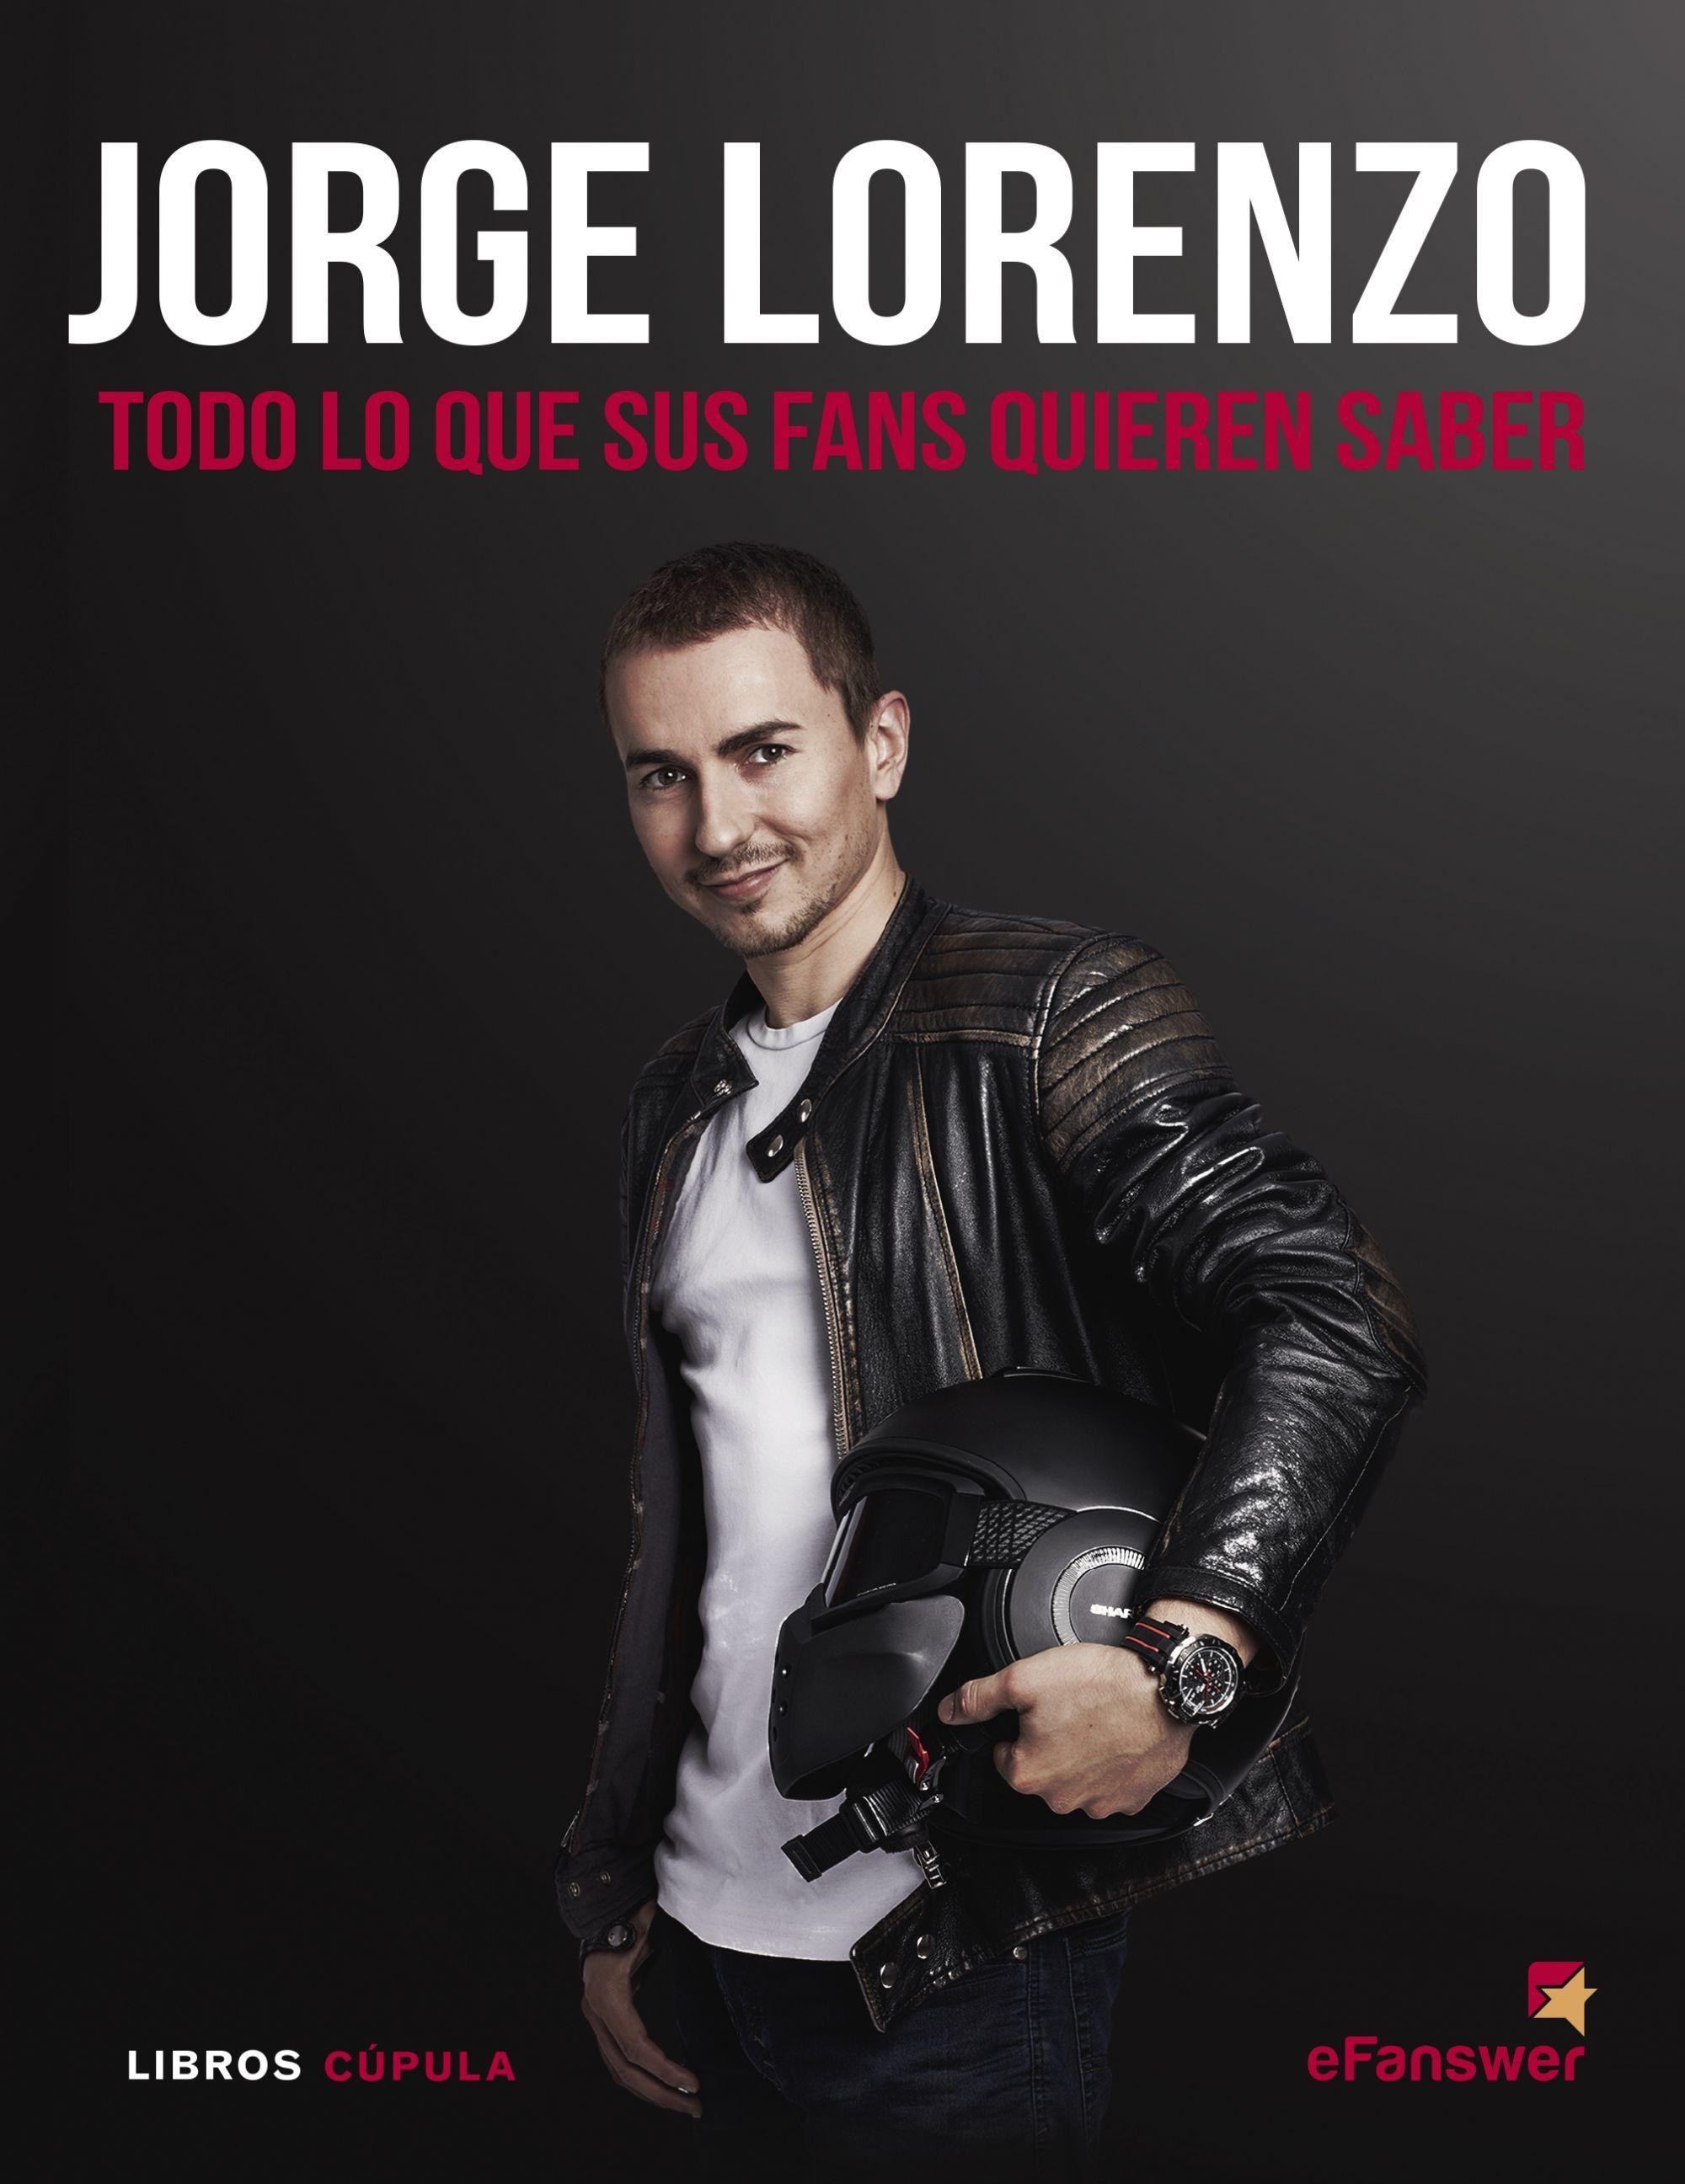 JORGE LORENZO. TODO LO QUE SUS FANS QUIEREN SABER